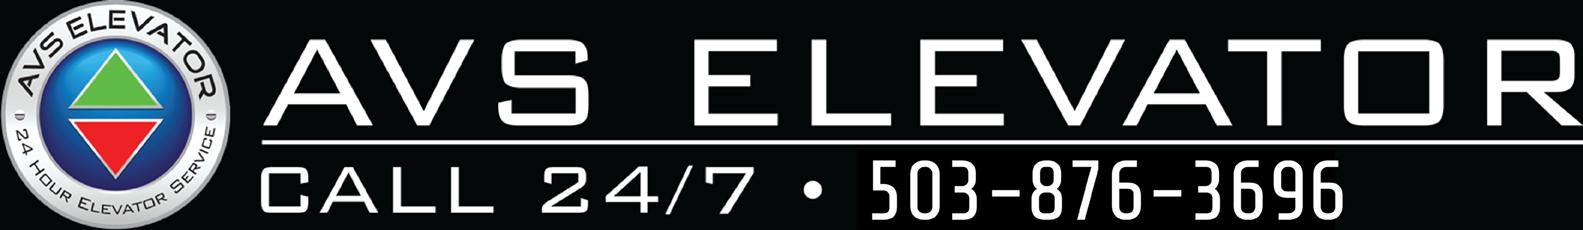 avs-elevator-logo